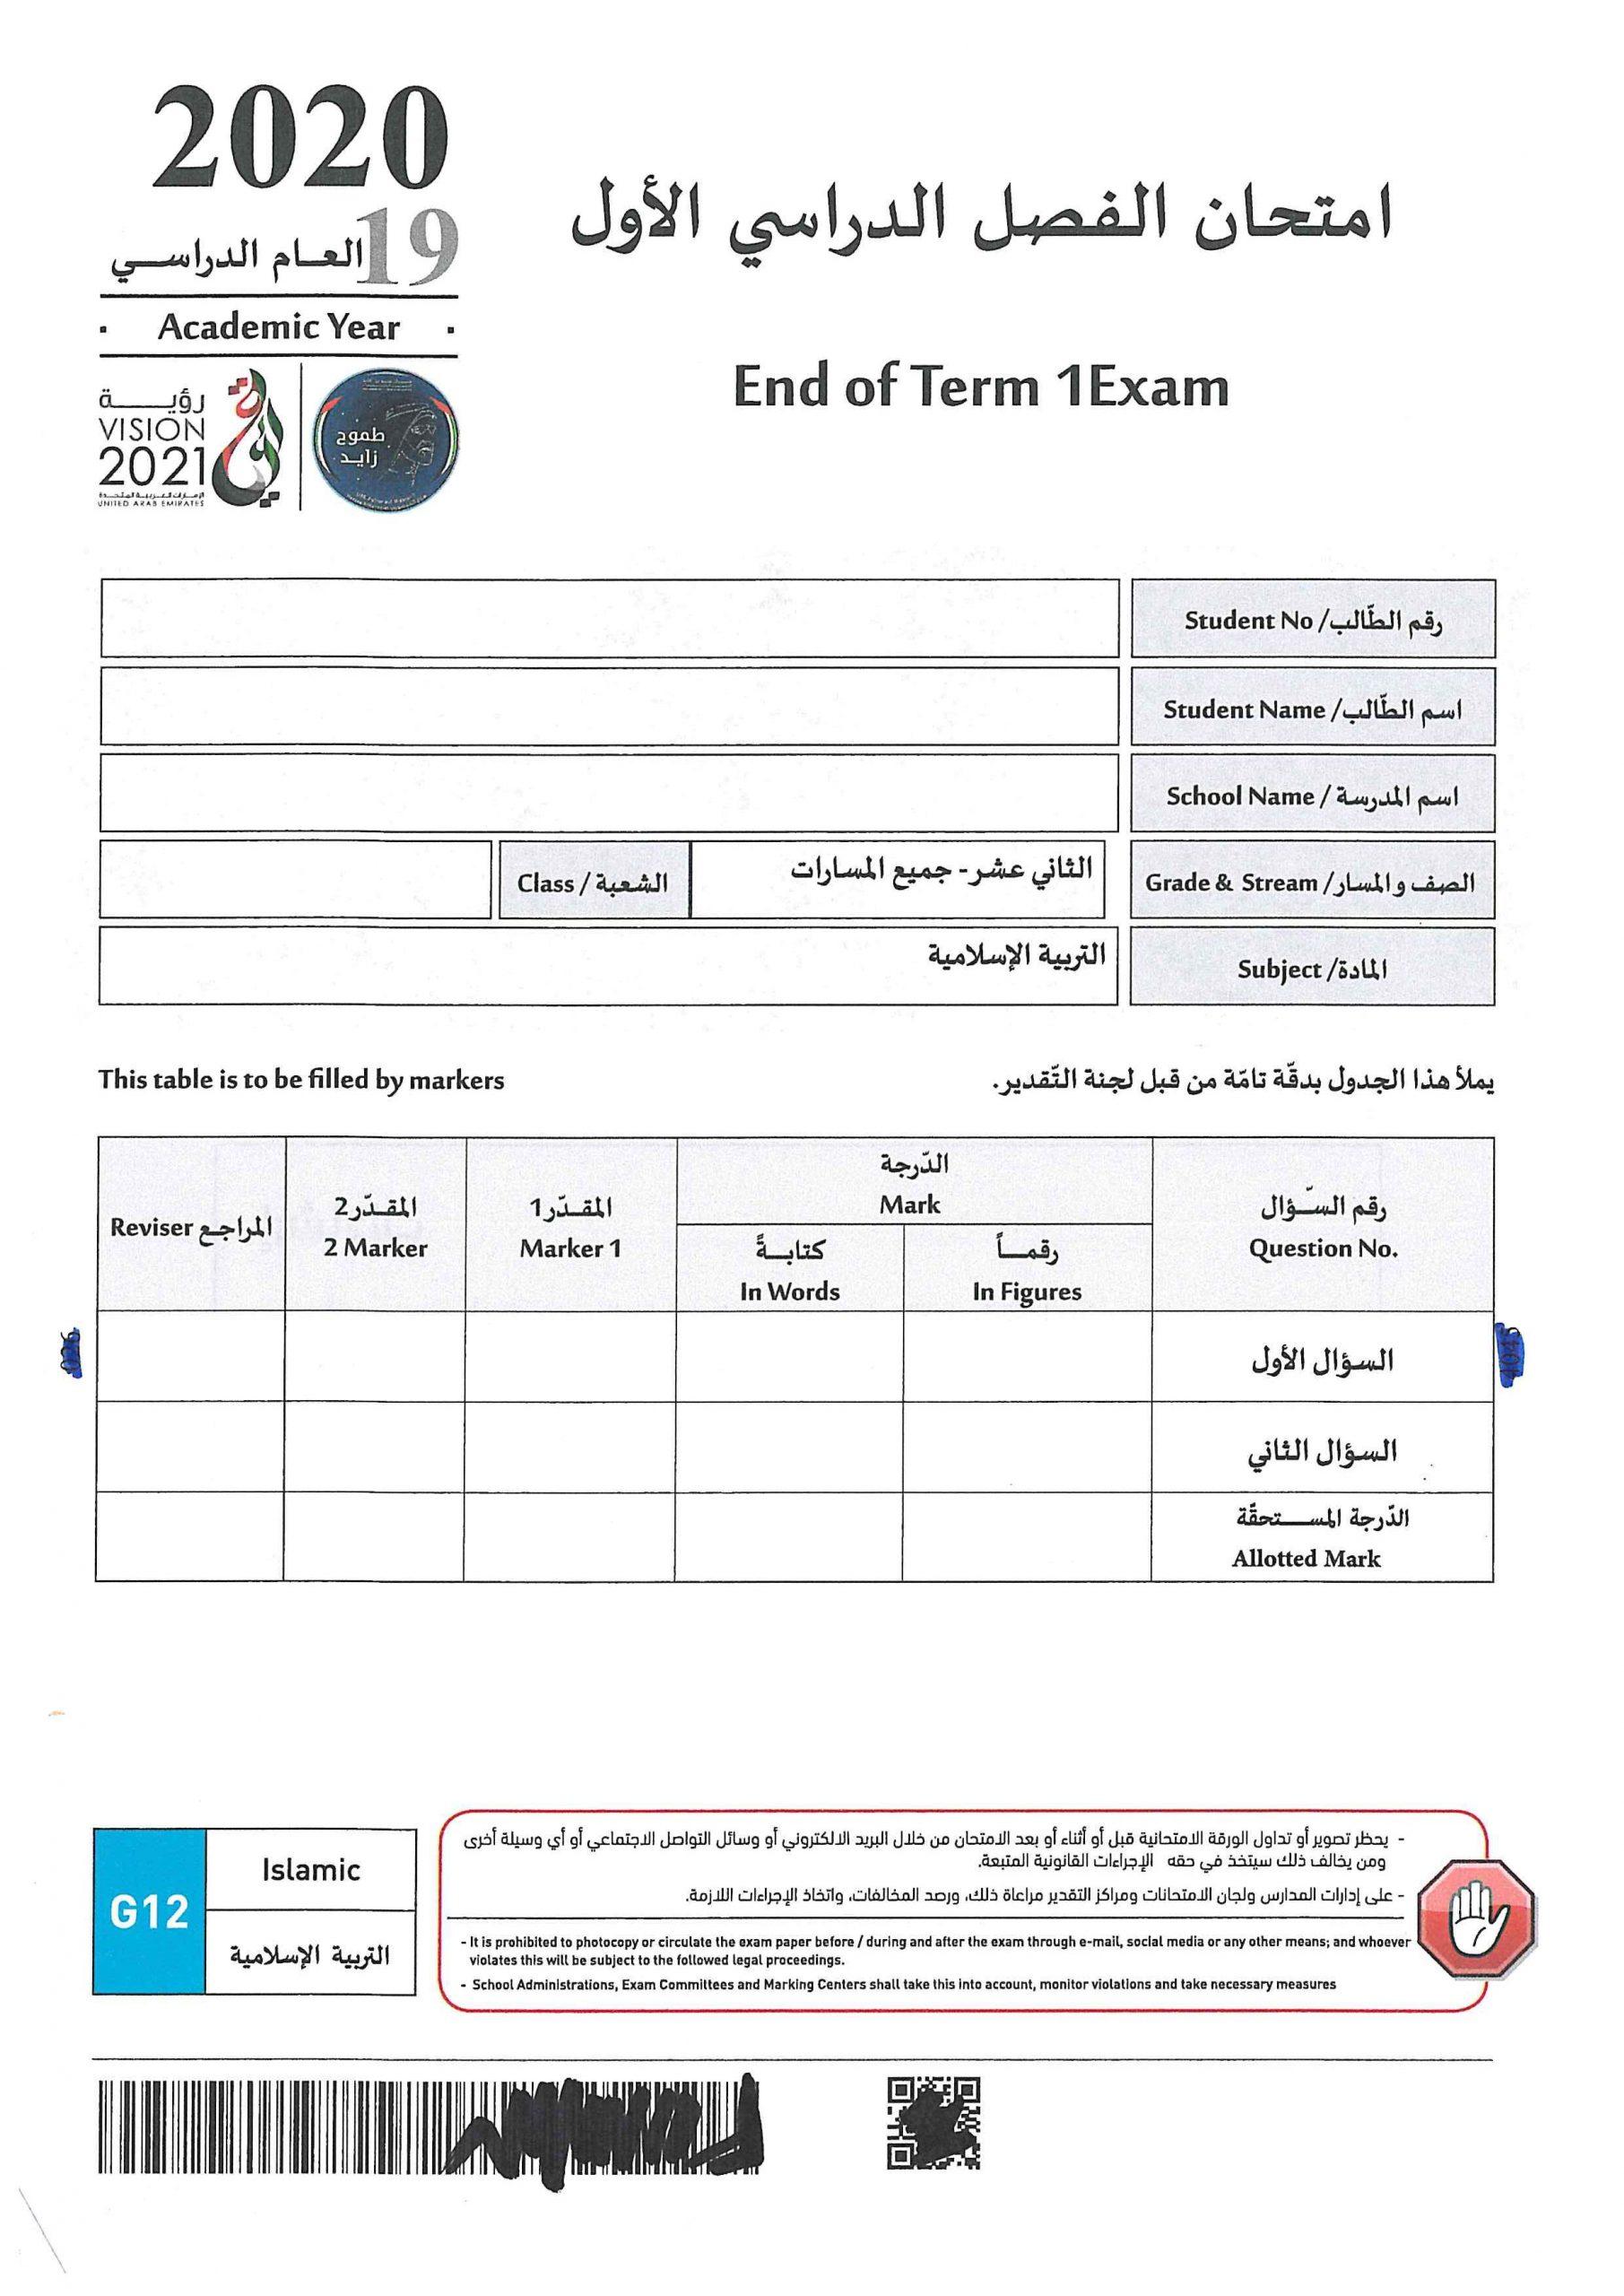 امتحان نهاية الفصل الدراسي الاول 2019-2020 الصف الثاني عشر مادة التربية الاسلامية